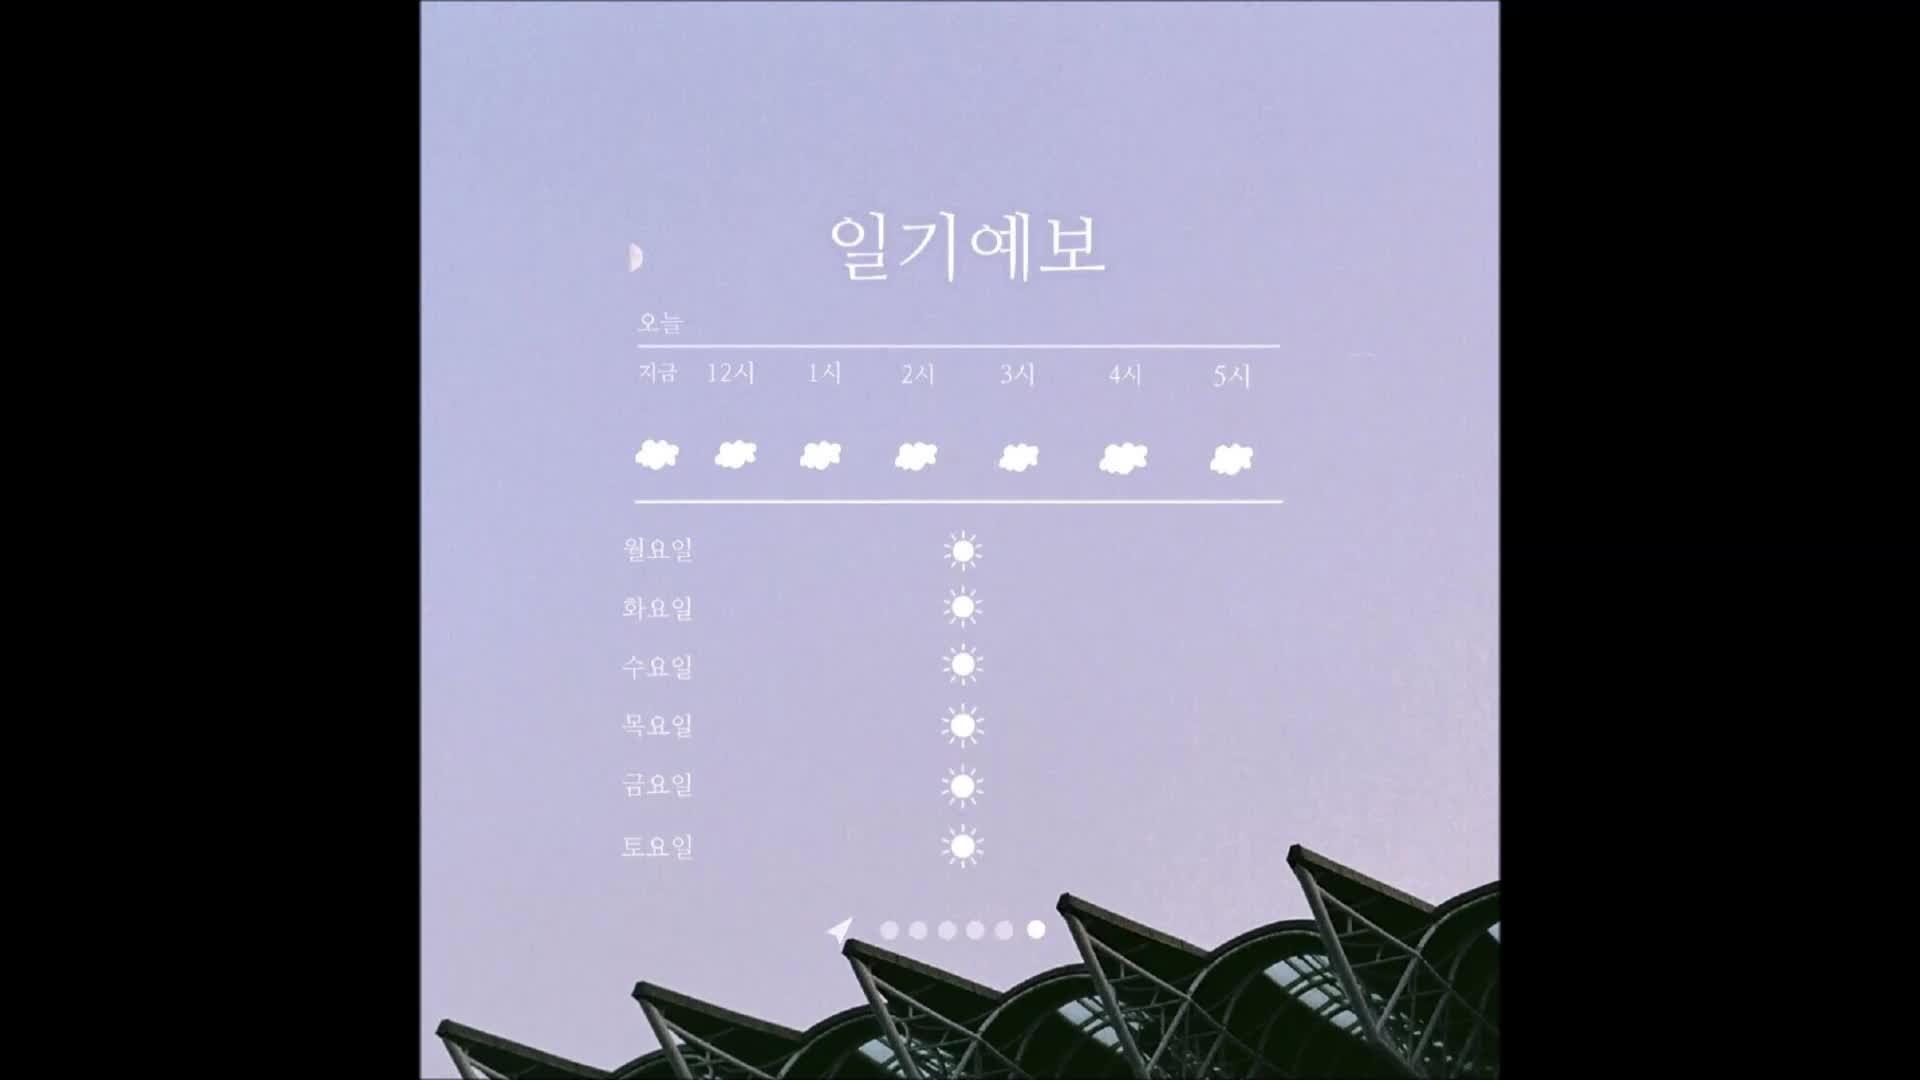 박지현 - '일기예보' - 일기예보